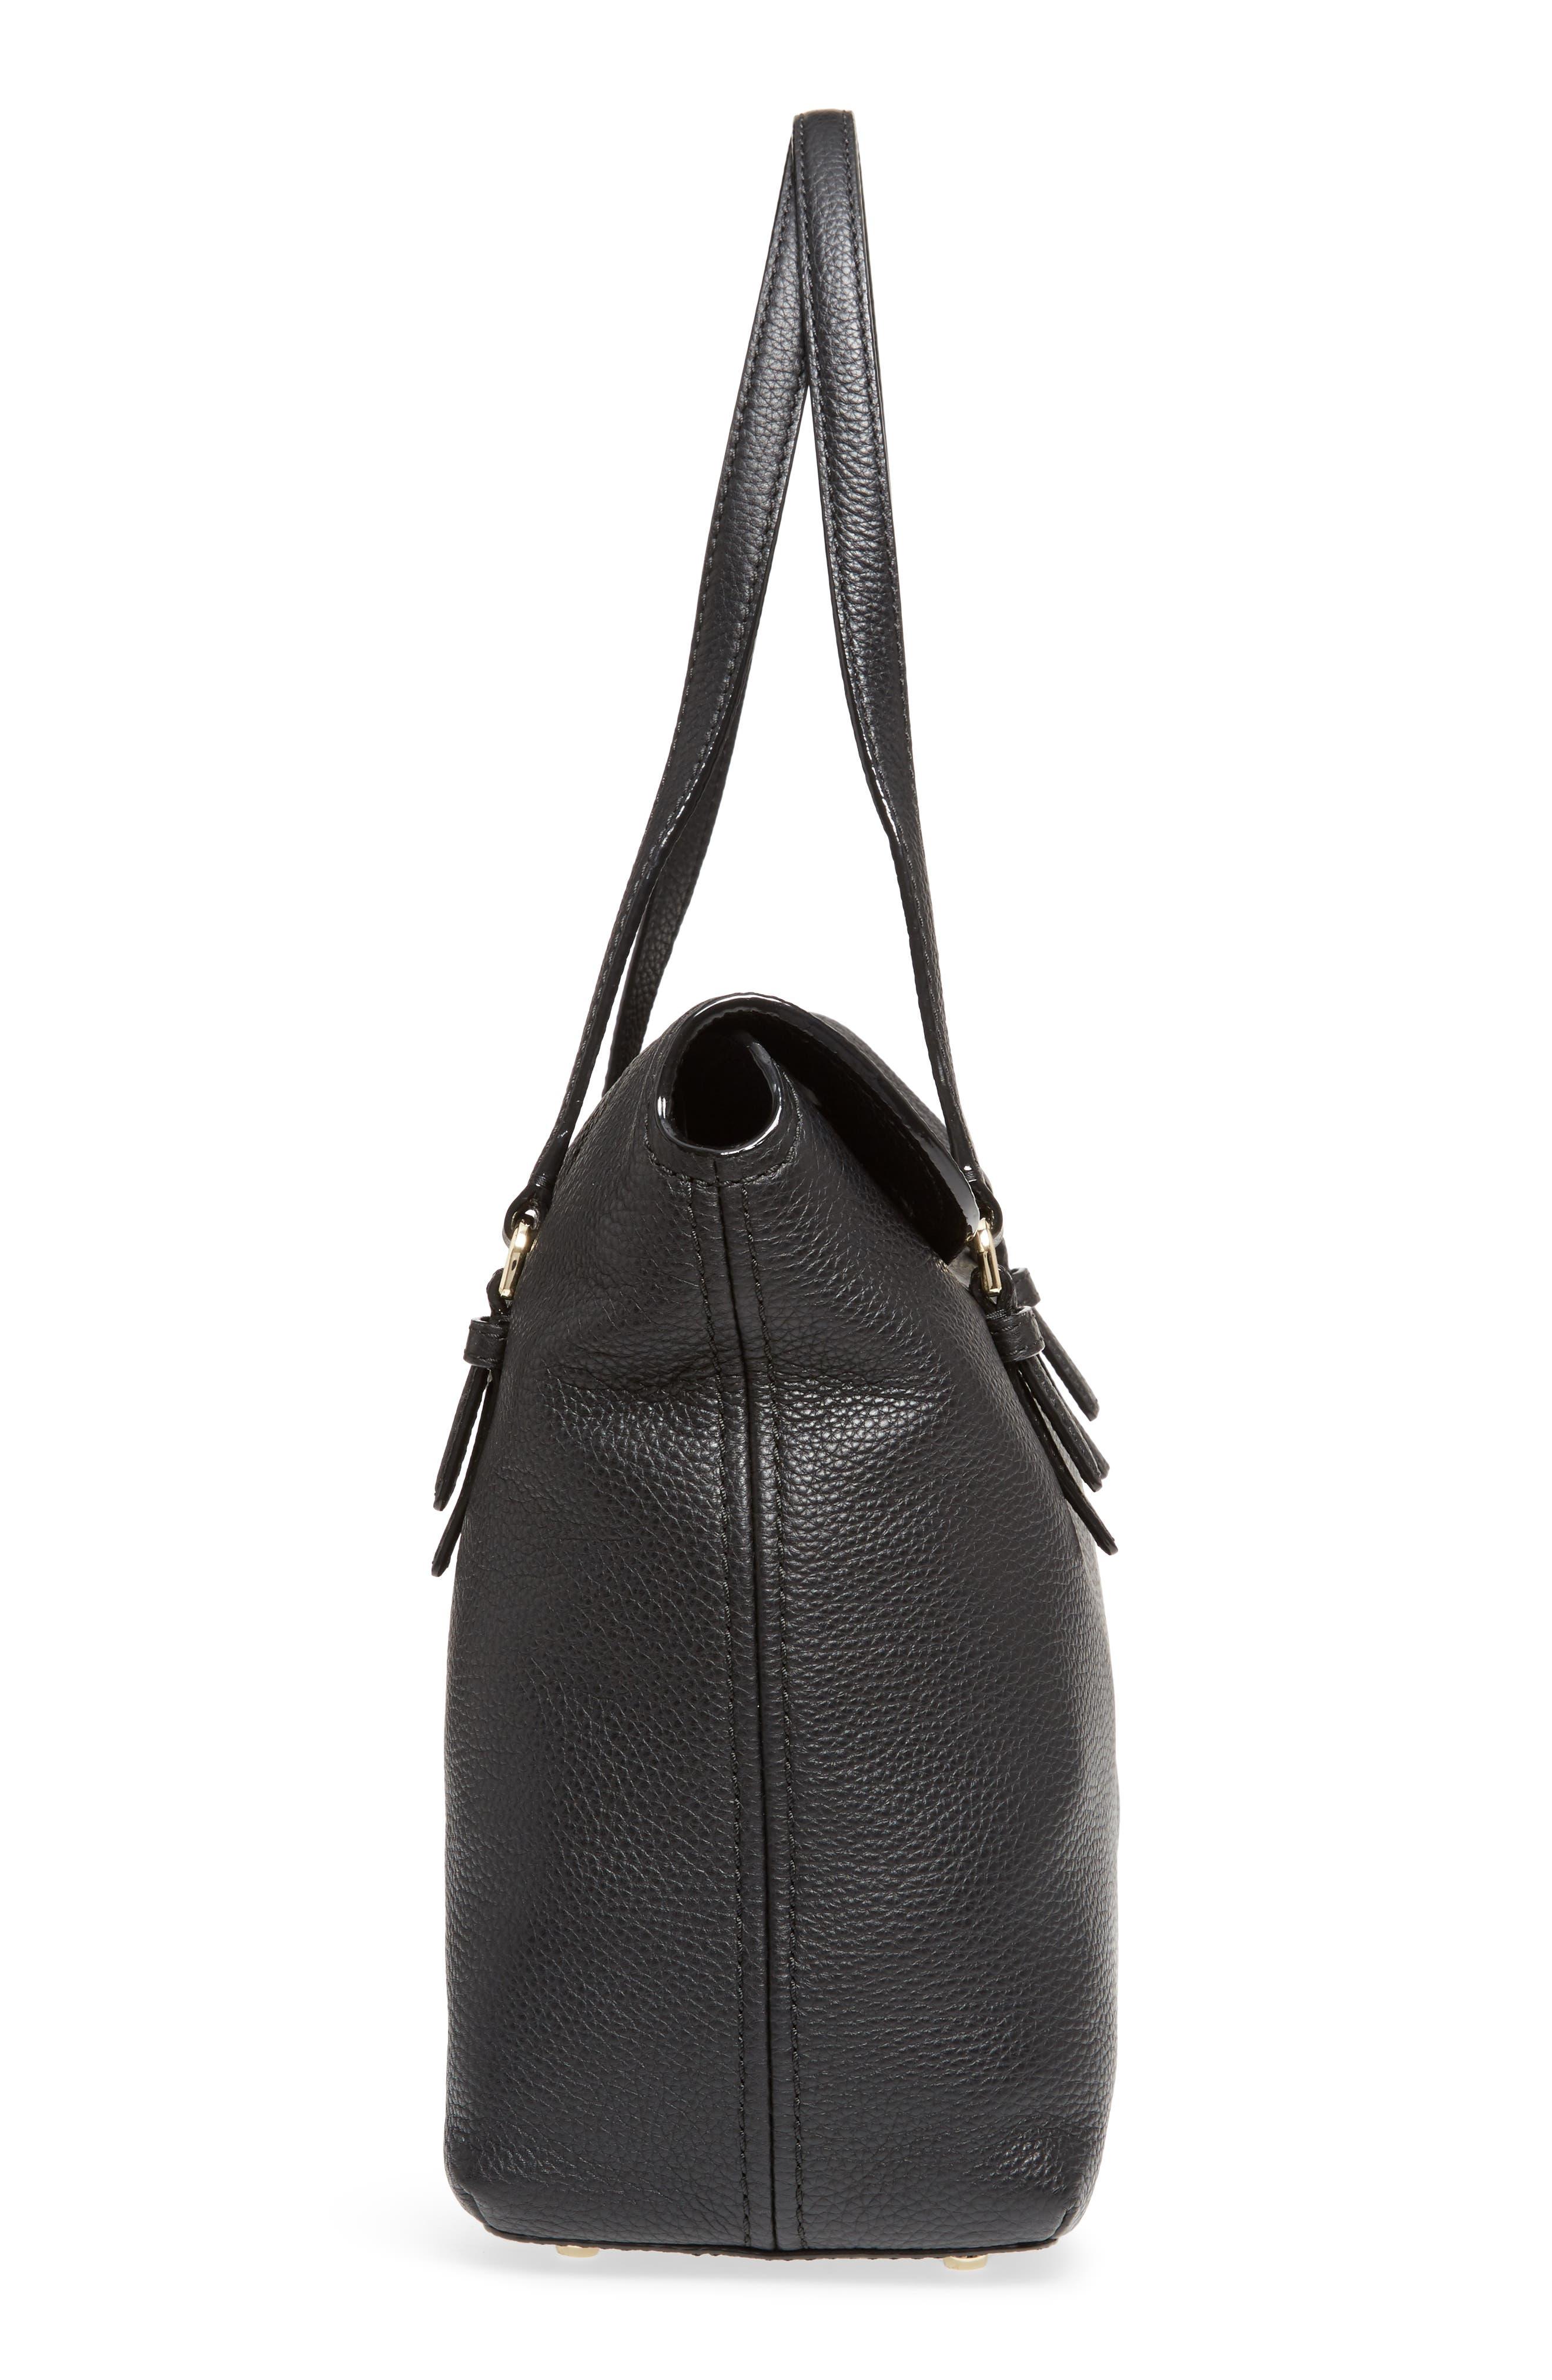 jackson street arietta pebbled leather tote,                             Alternate thumbnail 5, color,                             Black